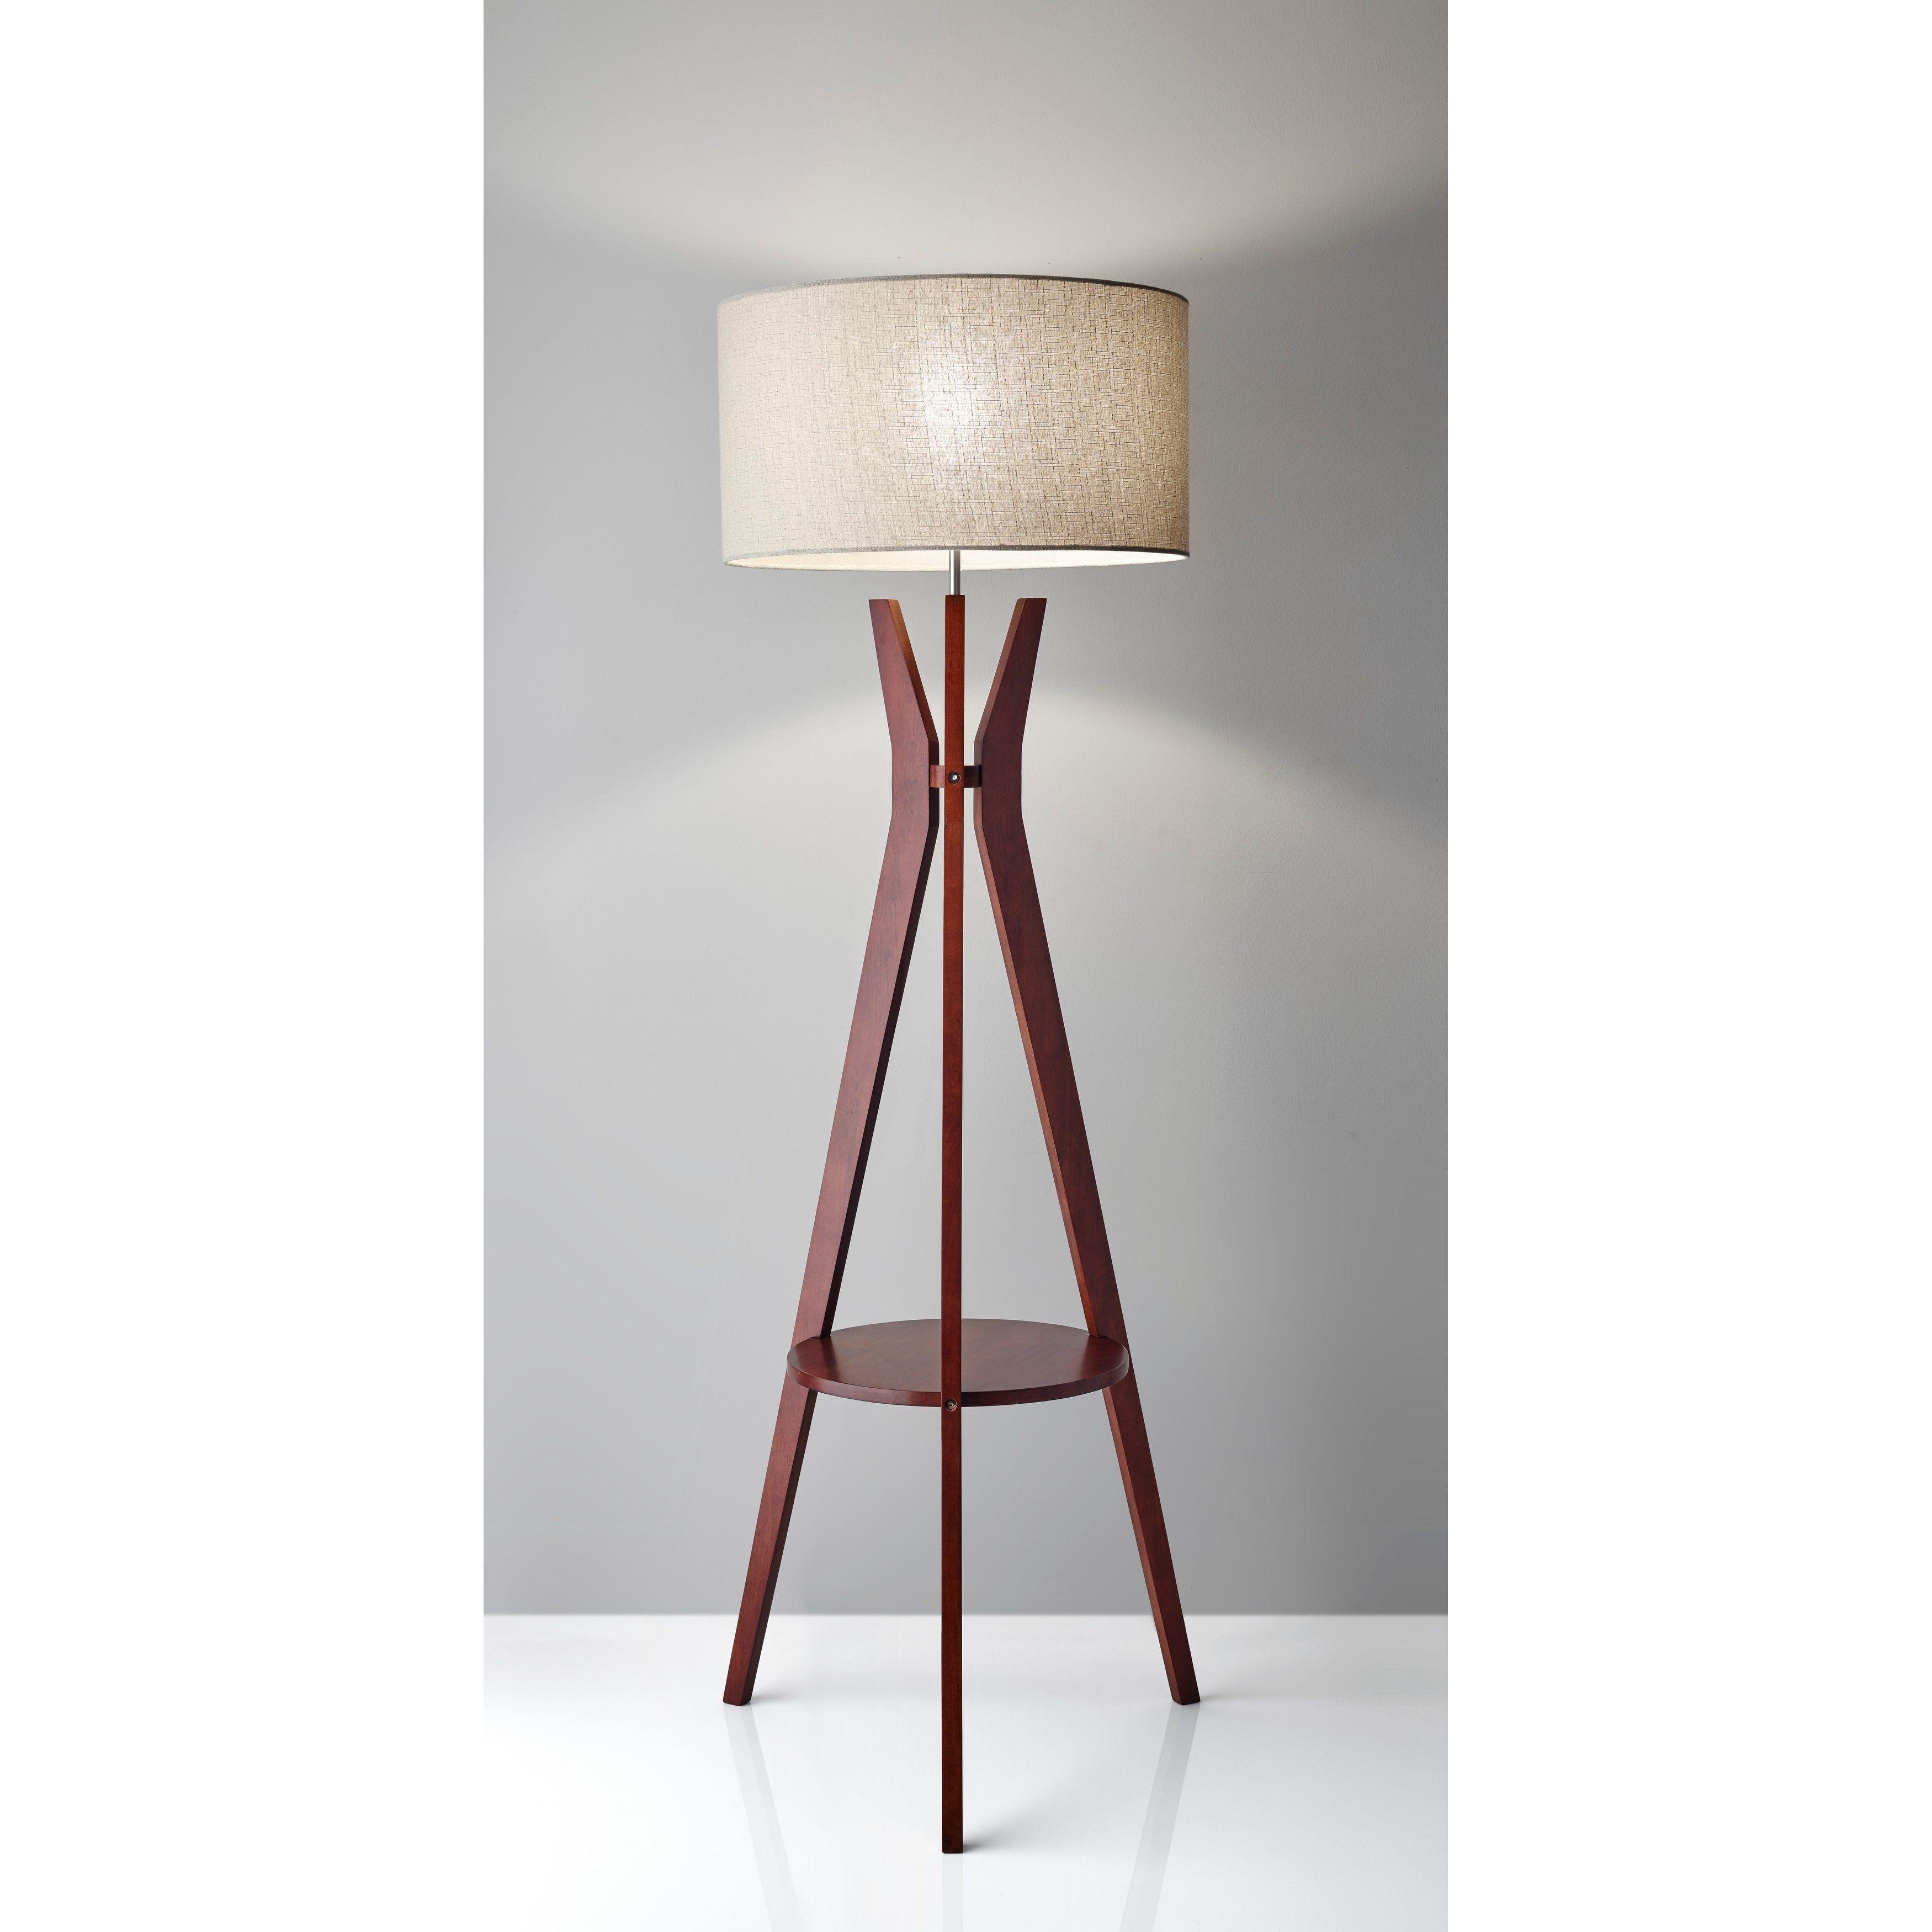 Adesso Bedford Solid Walnut Brown Wood Tripod Shelf